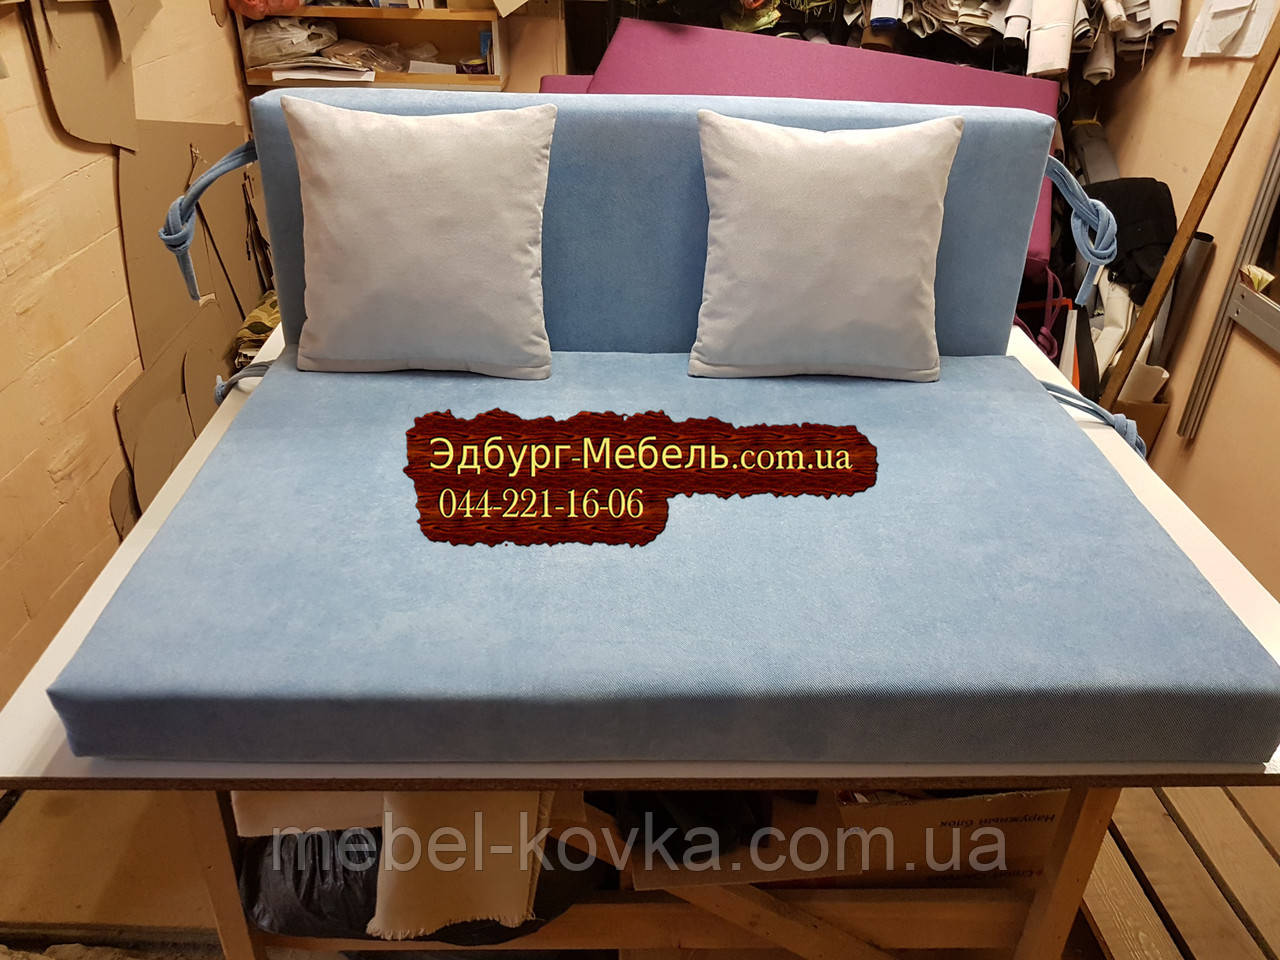 Подушки під замовлення ,подушки для меблів з палет